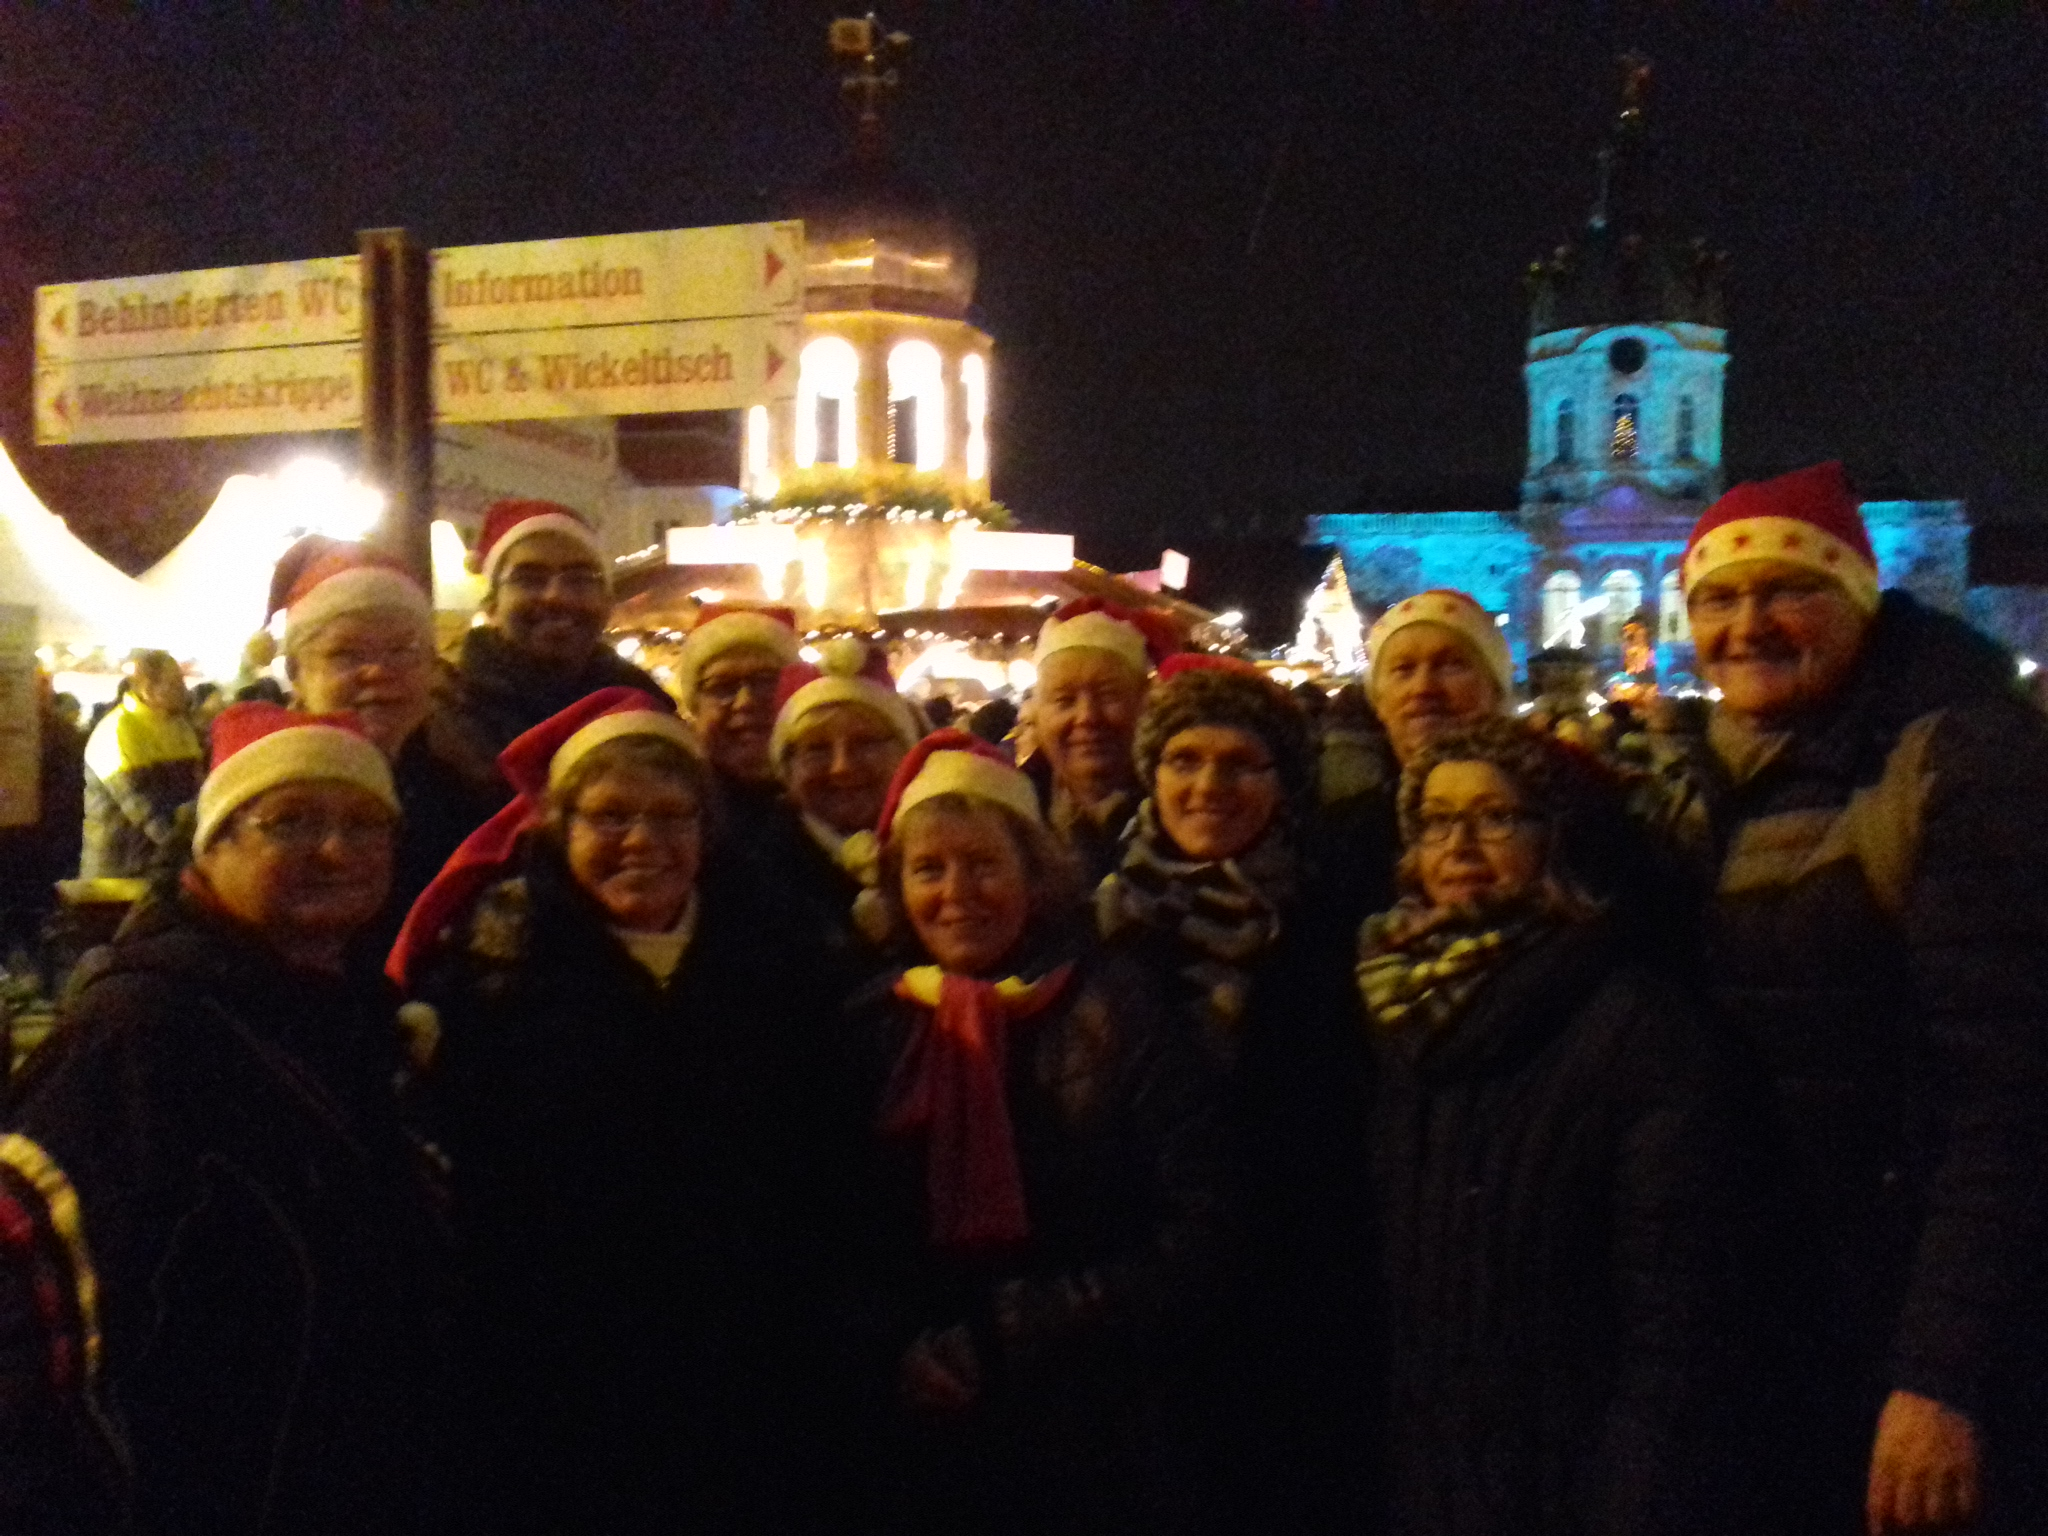 Dort treffen unseren Bowlingkameraden mit Gäste vor dem Eingang zum Weihnachtsmarkt. Alle haben die Nikolausmütze, super !